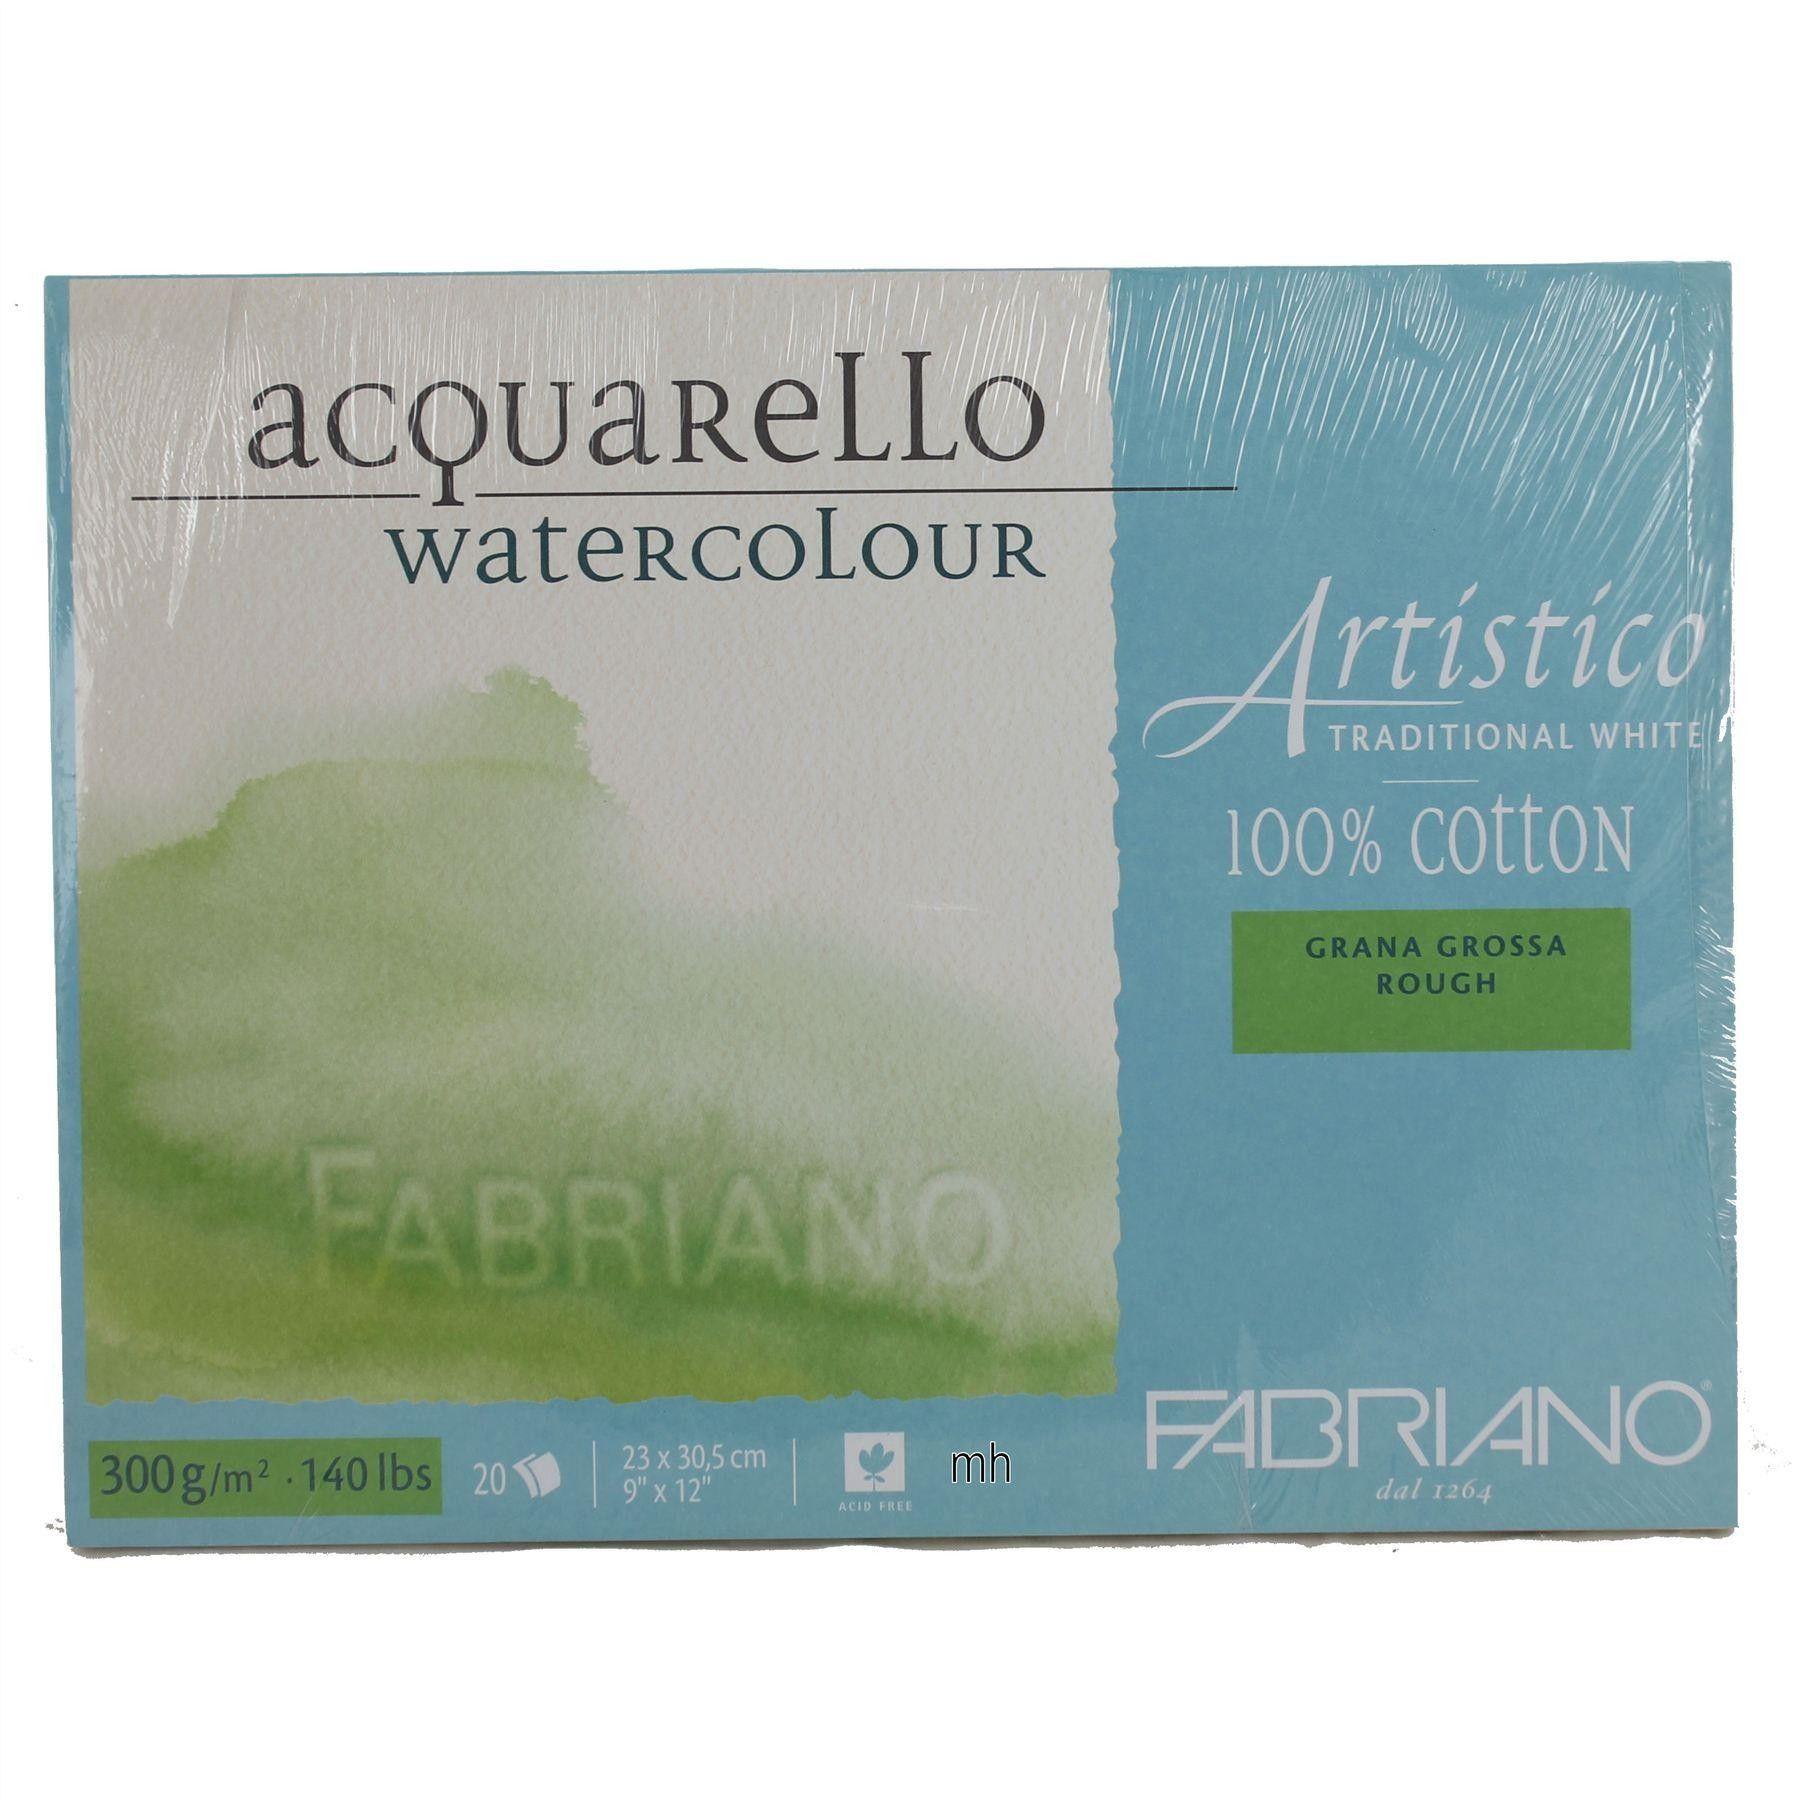 Fabriano Artistico Watercolour Block Pad 100 Cotton Rough 300gsm